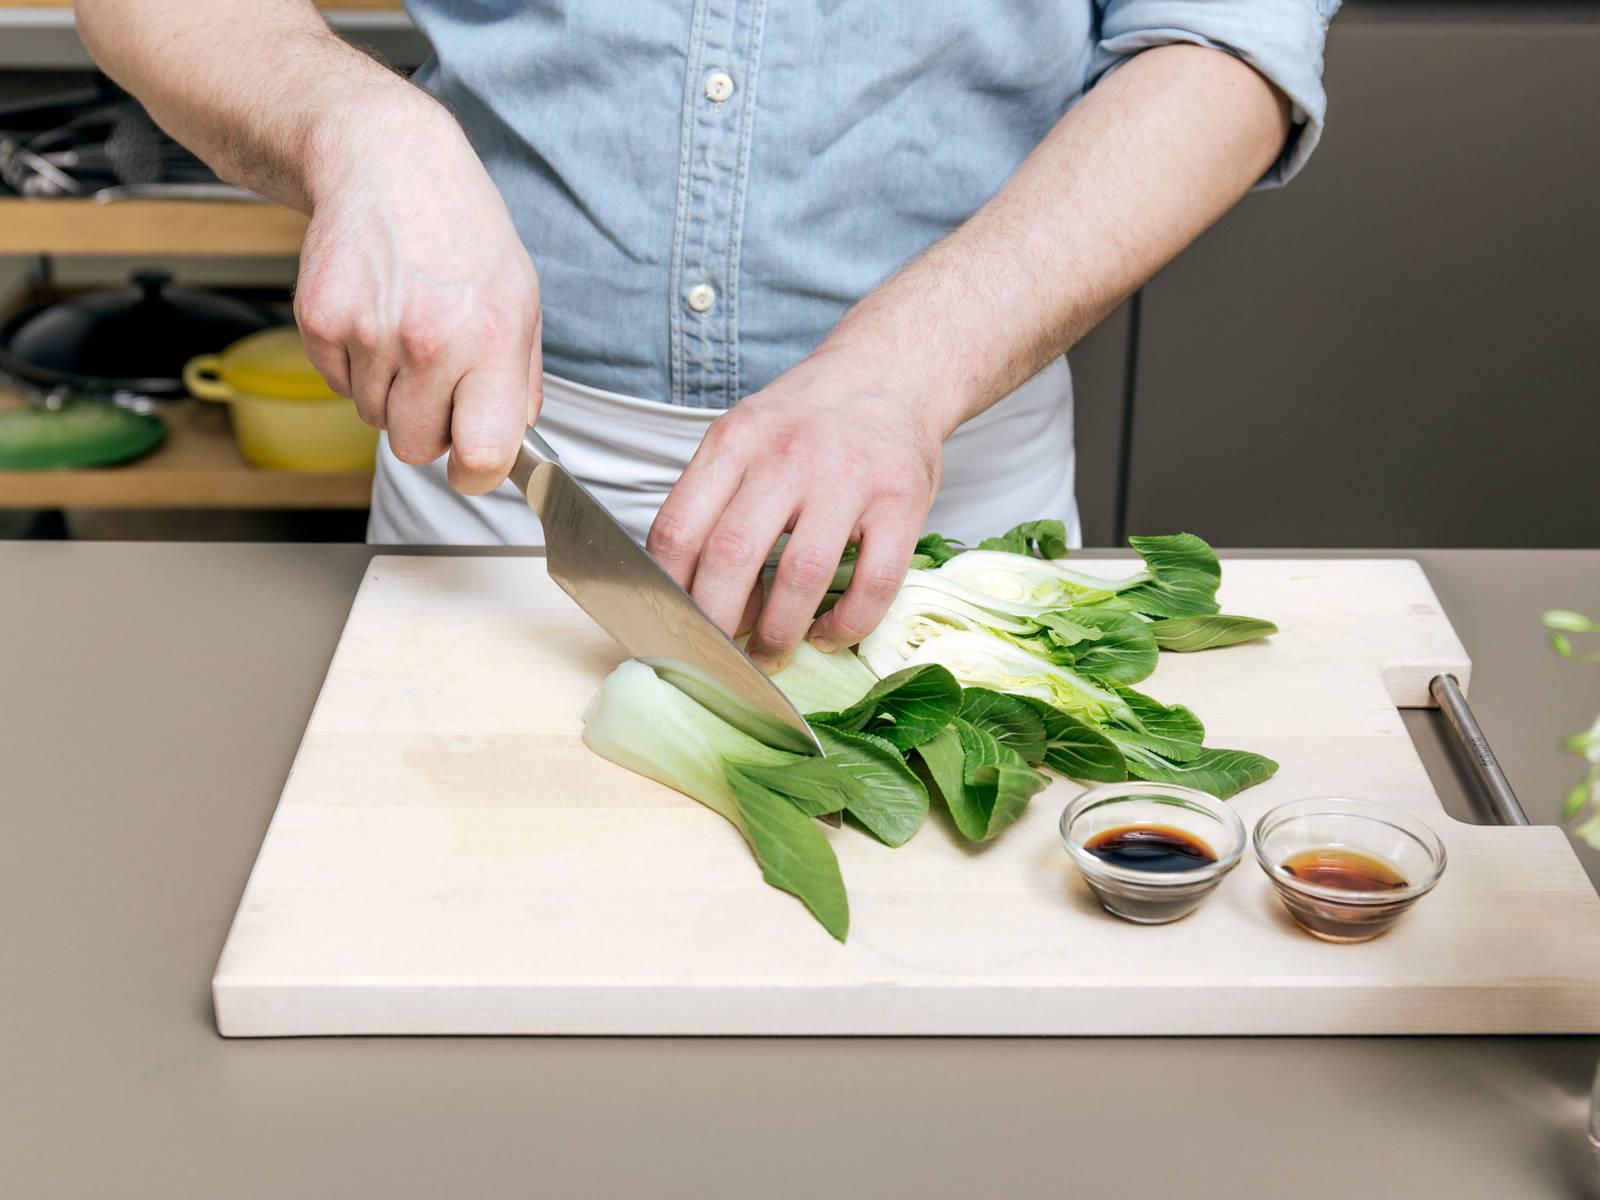 切去白菜两端,然后切成四瓣。在大煎锅中,中高火加热芝麻油。煎白菜4分钟。倒入酱油和一勺鸡肉汤,继续煮。